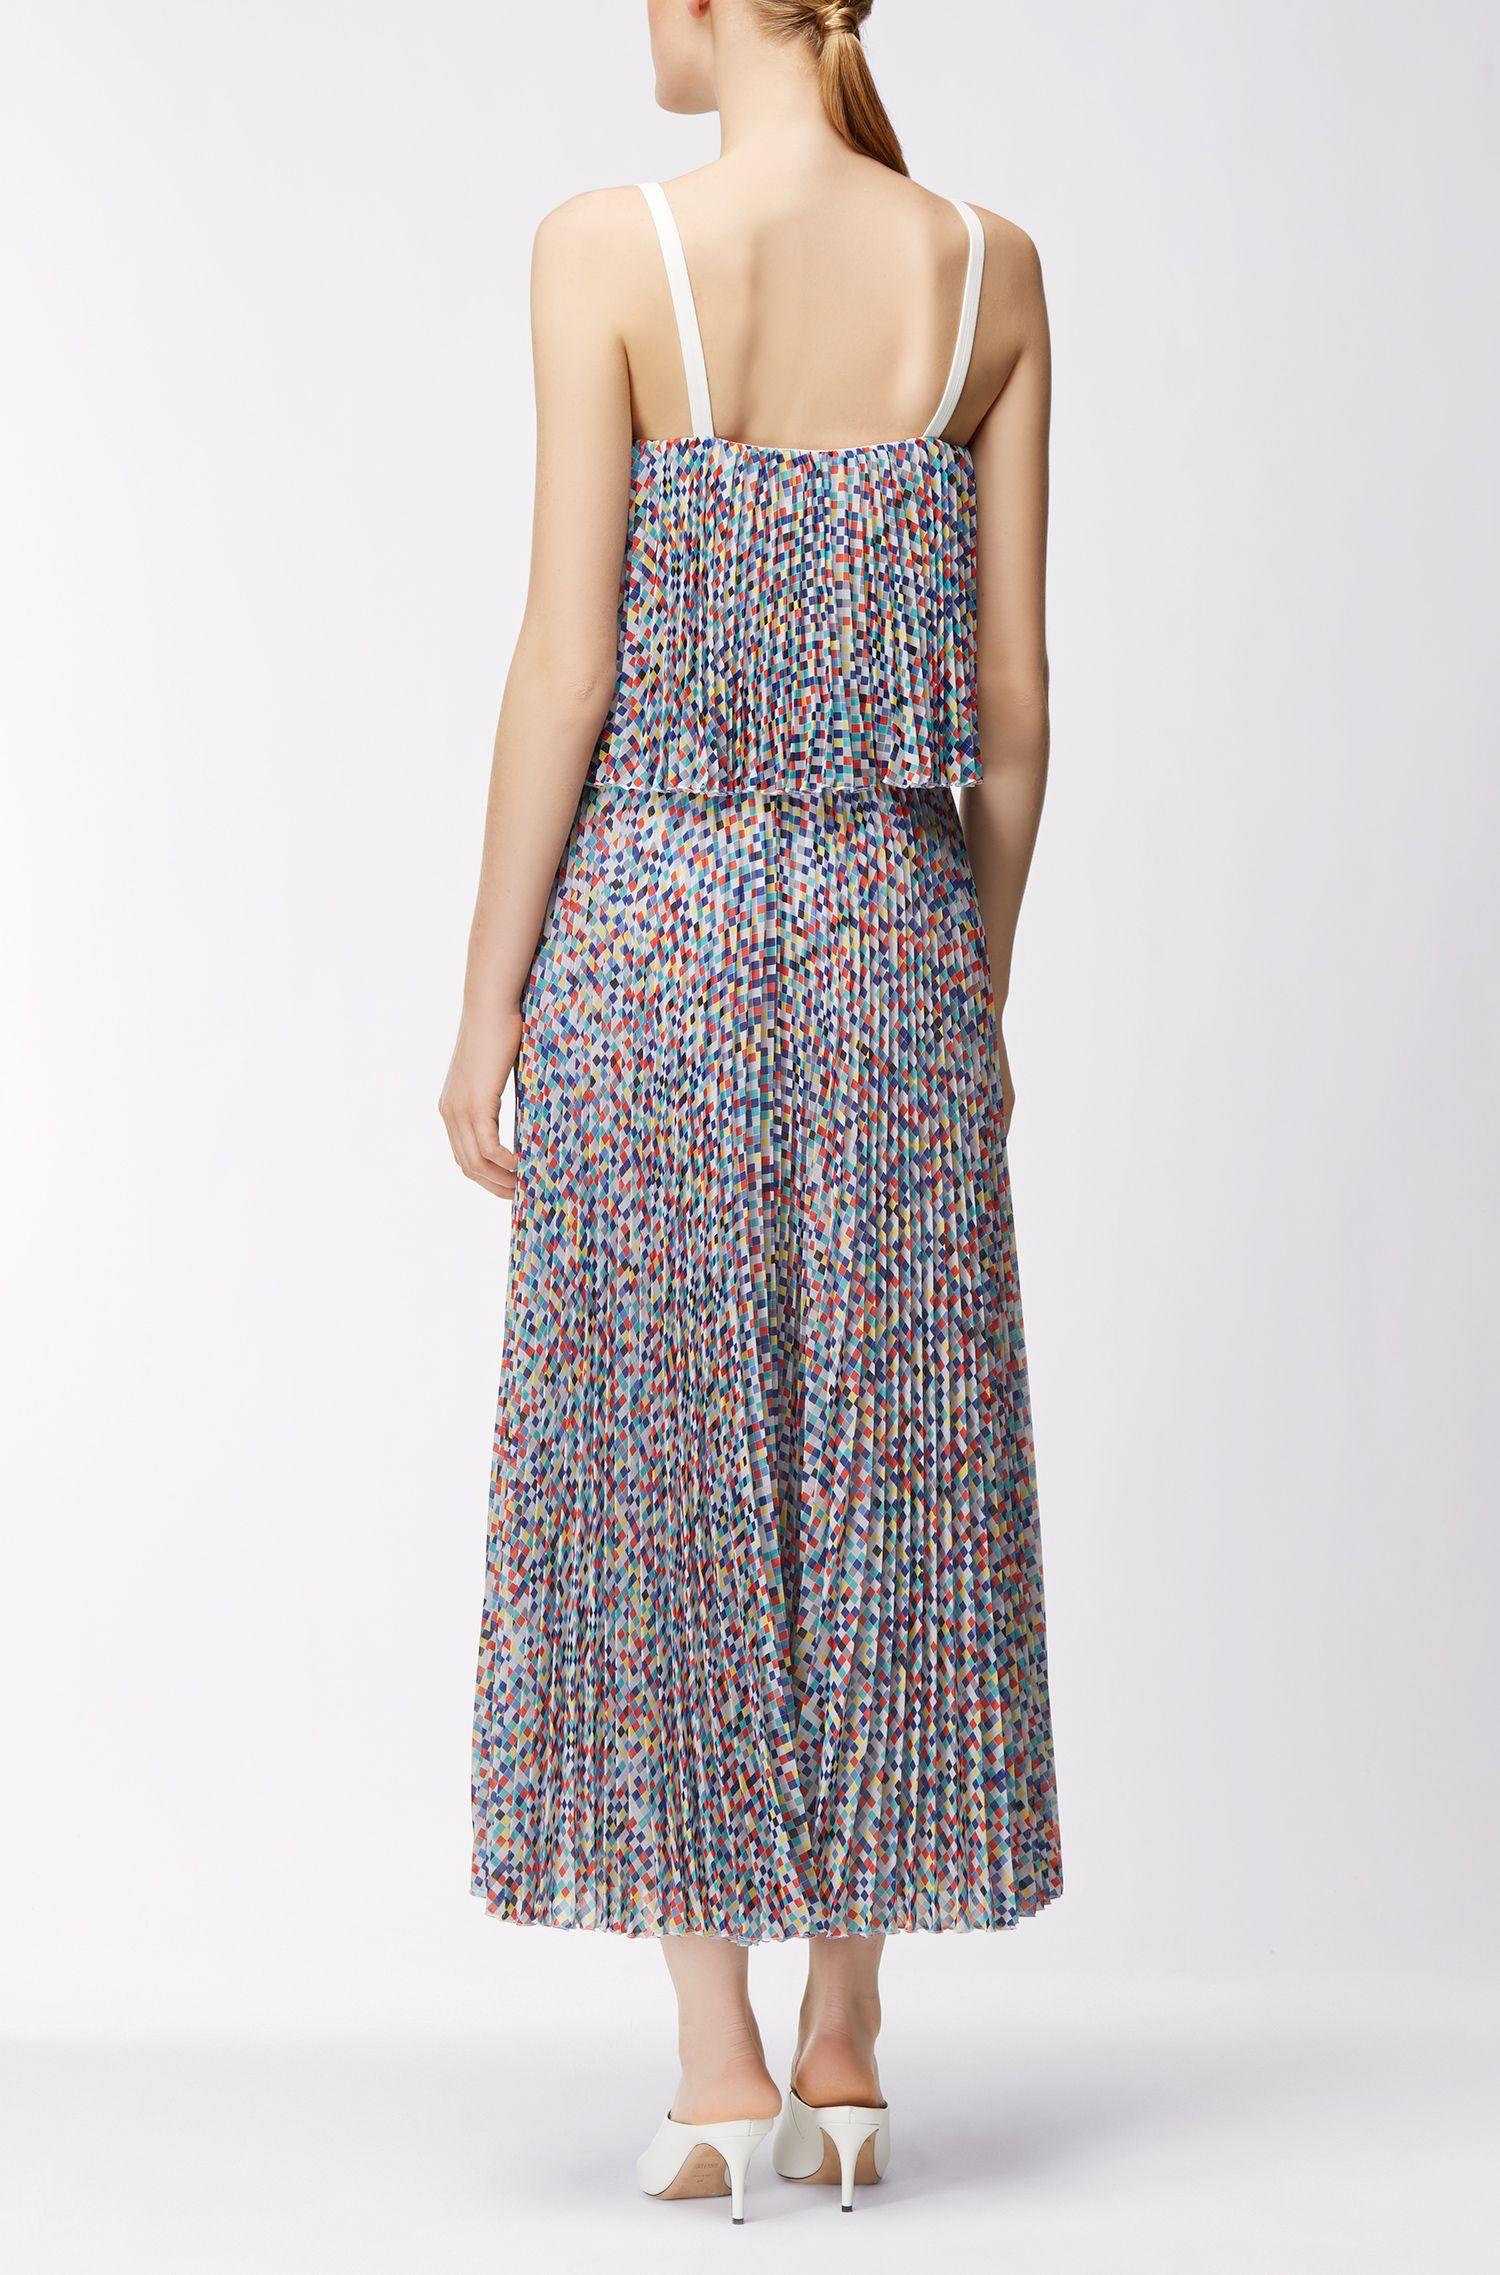 Gelaagde jurk met plissérok uit de Gallery Collectie